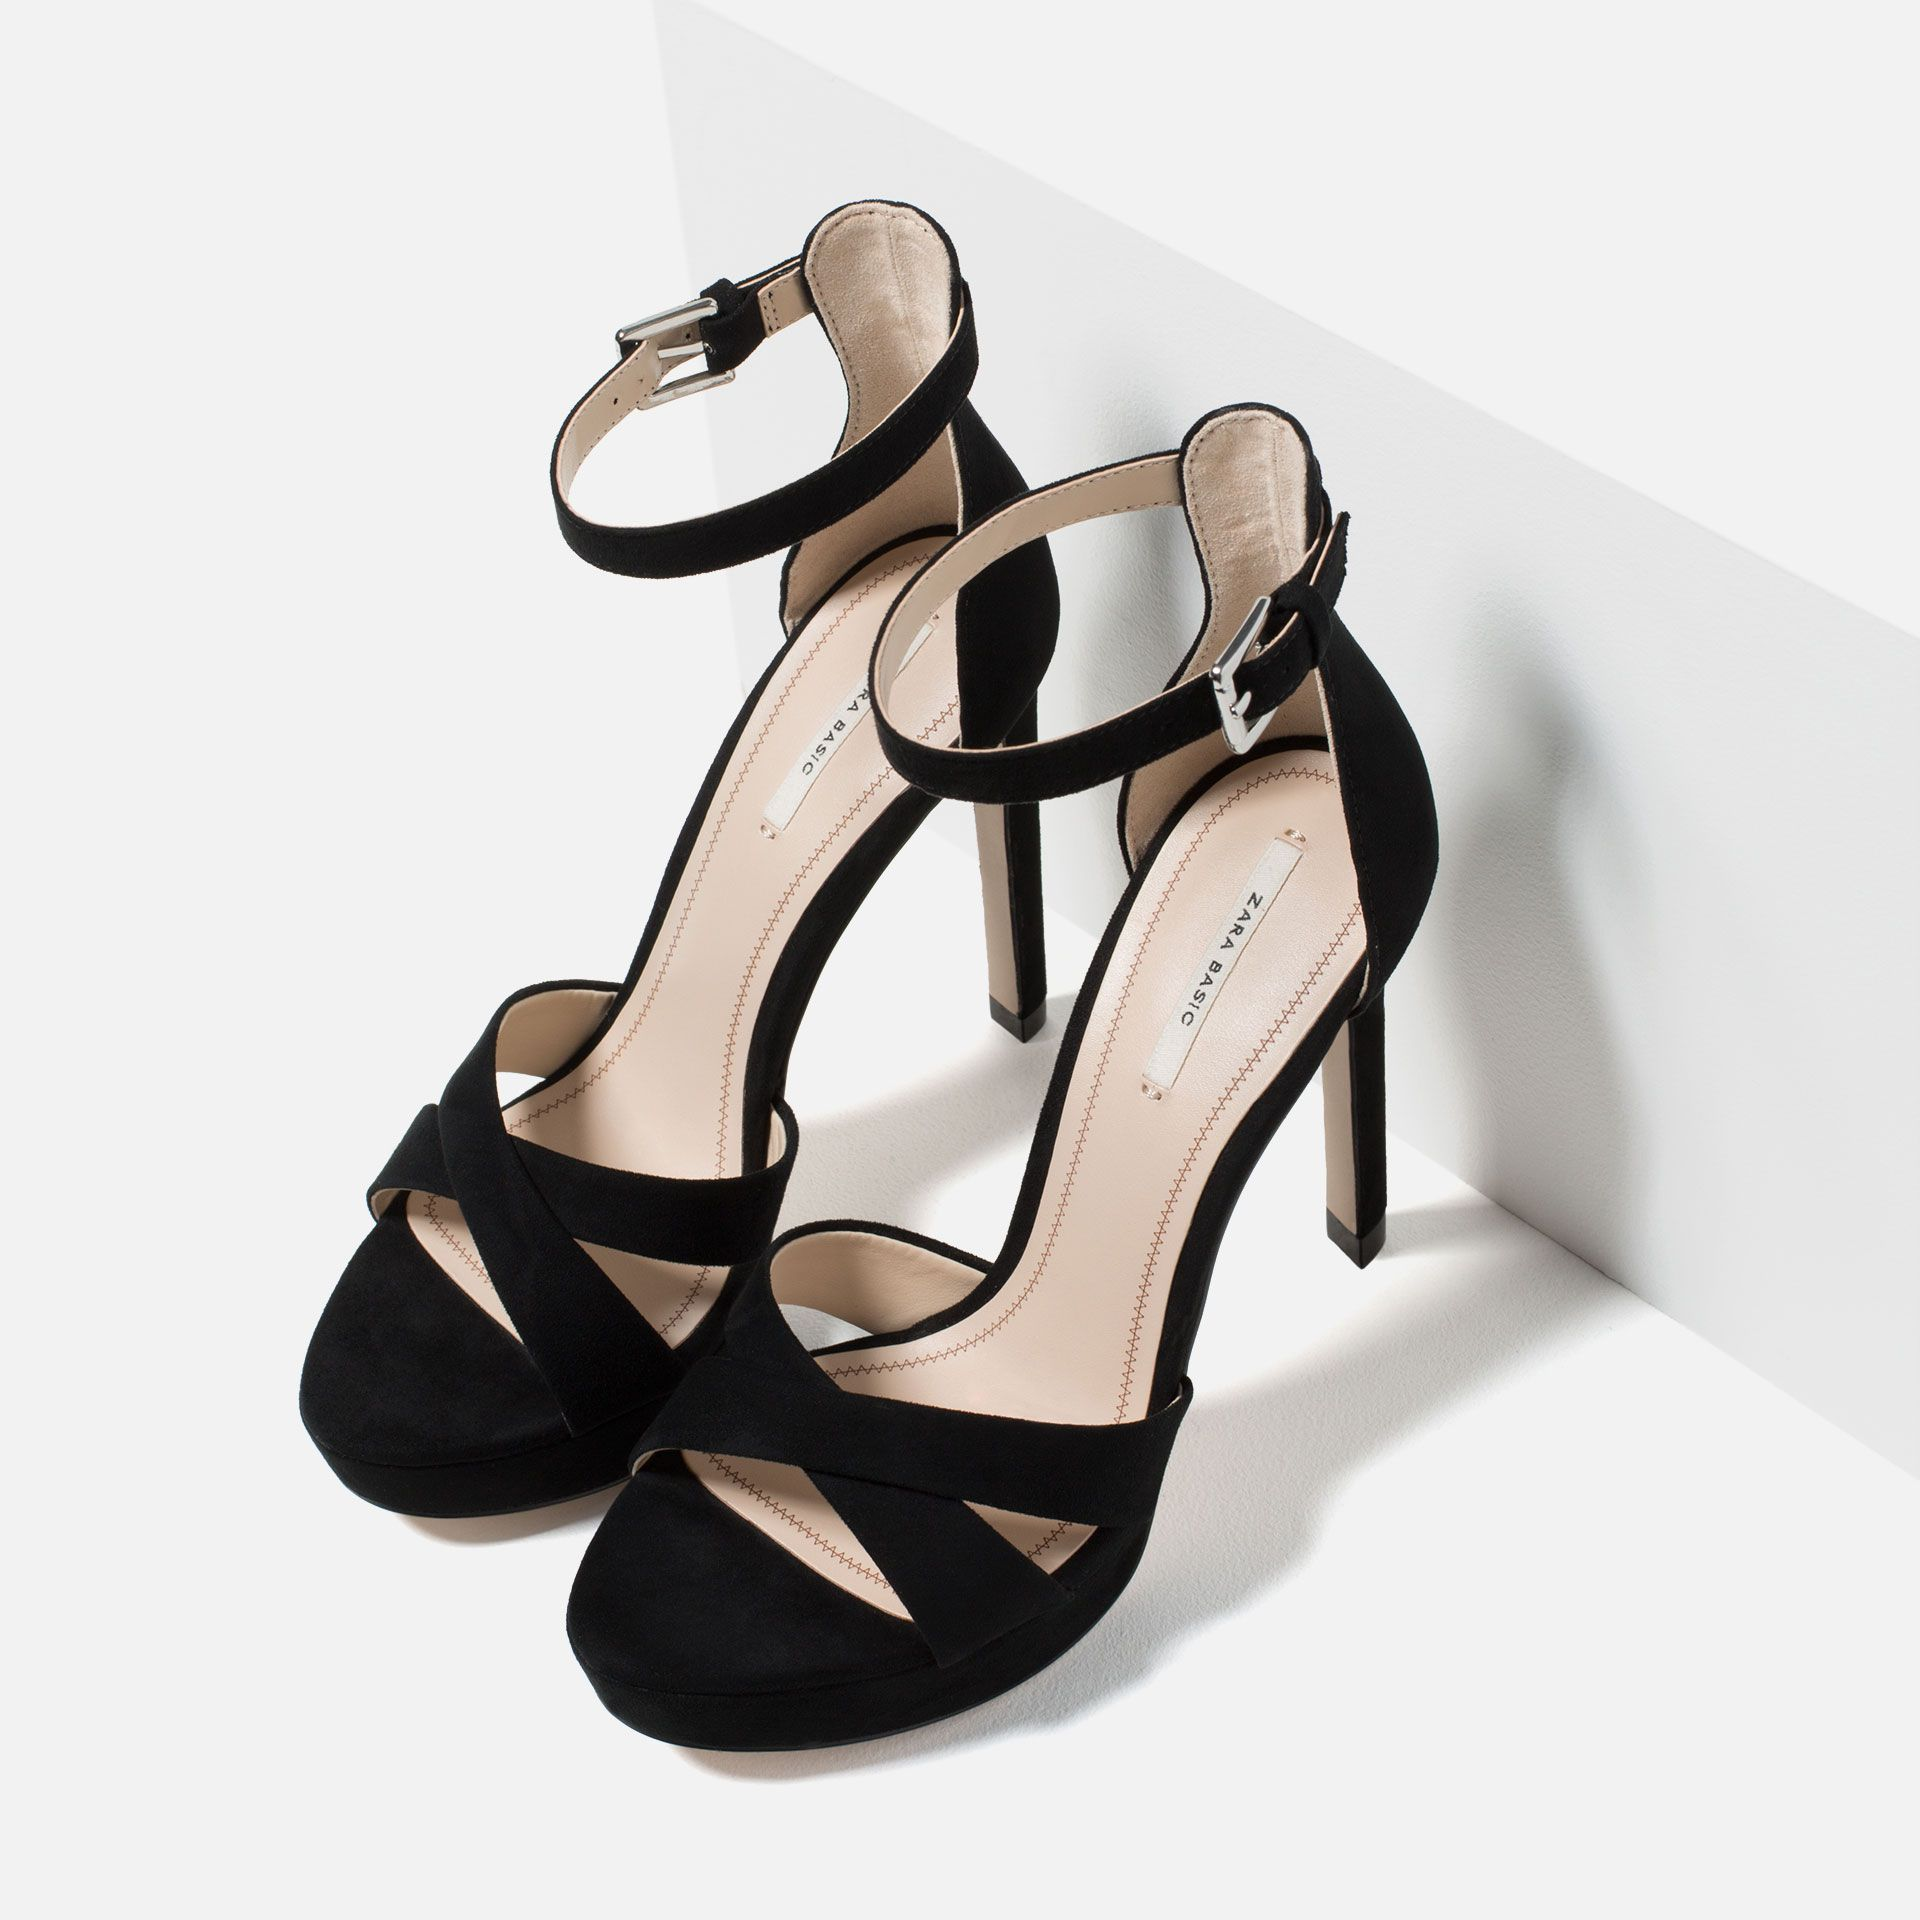 sandales À talons plateformes - tout voir - chaussures - femme